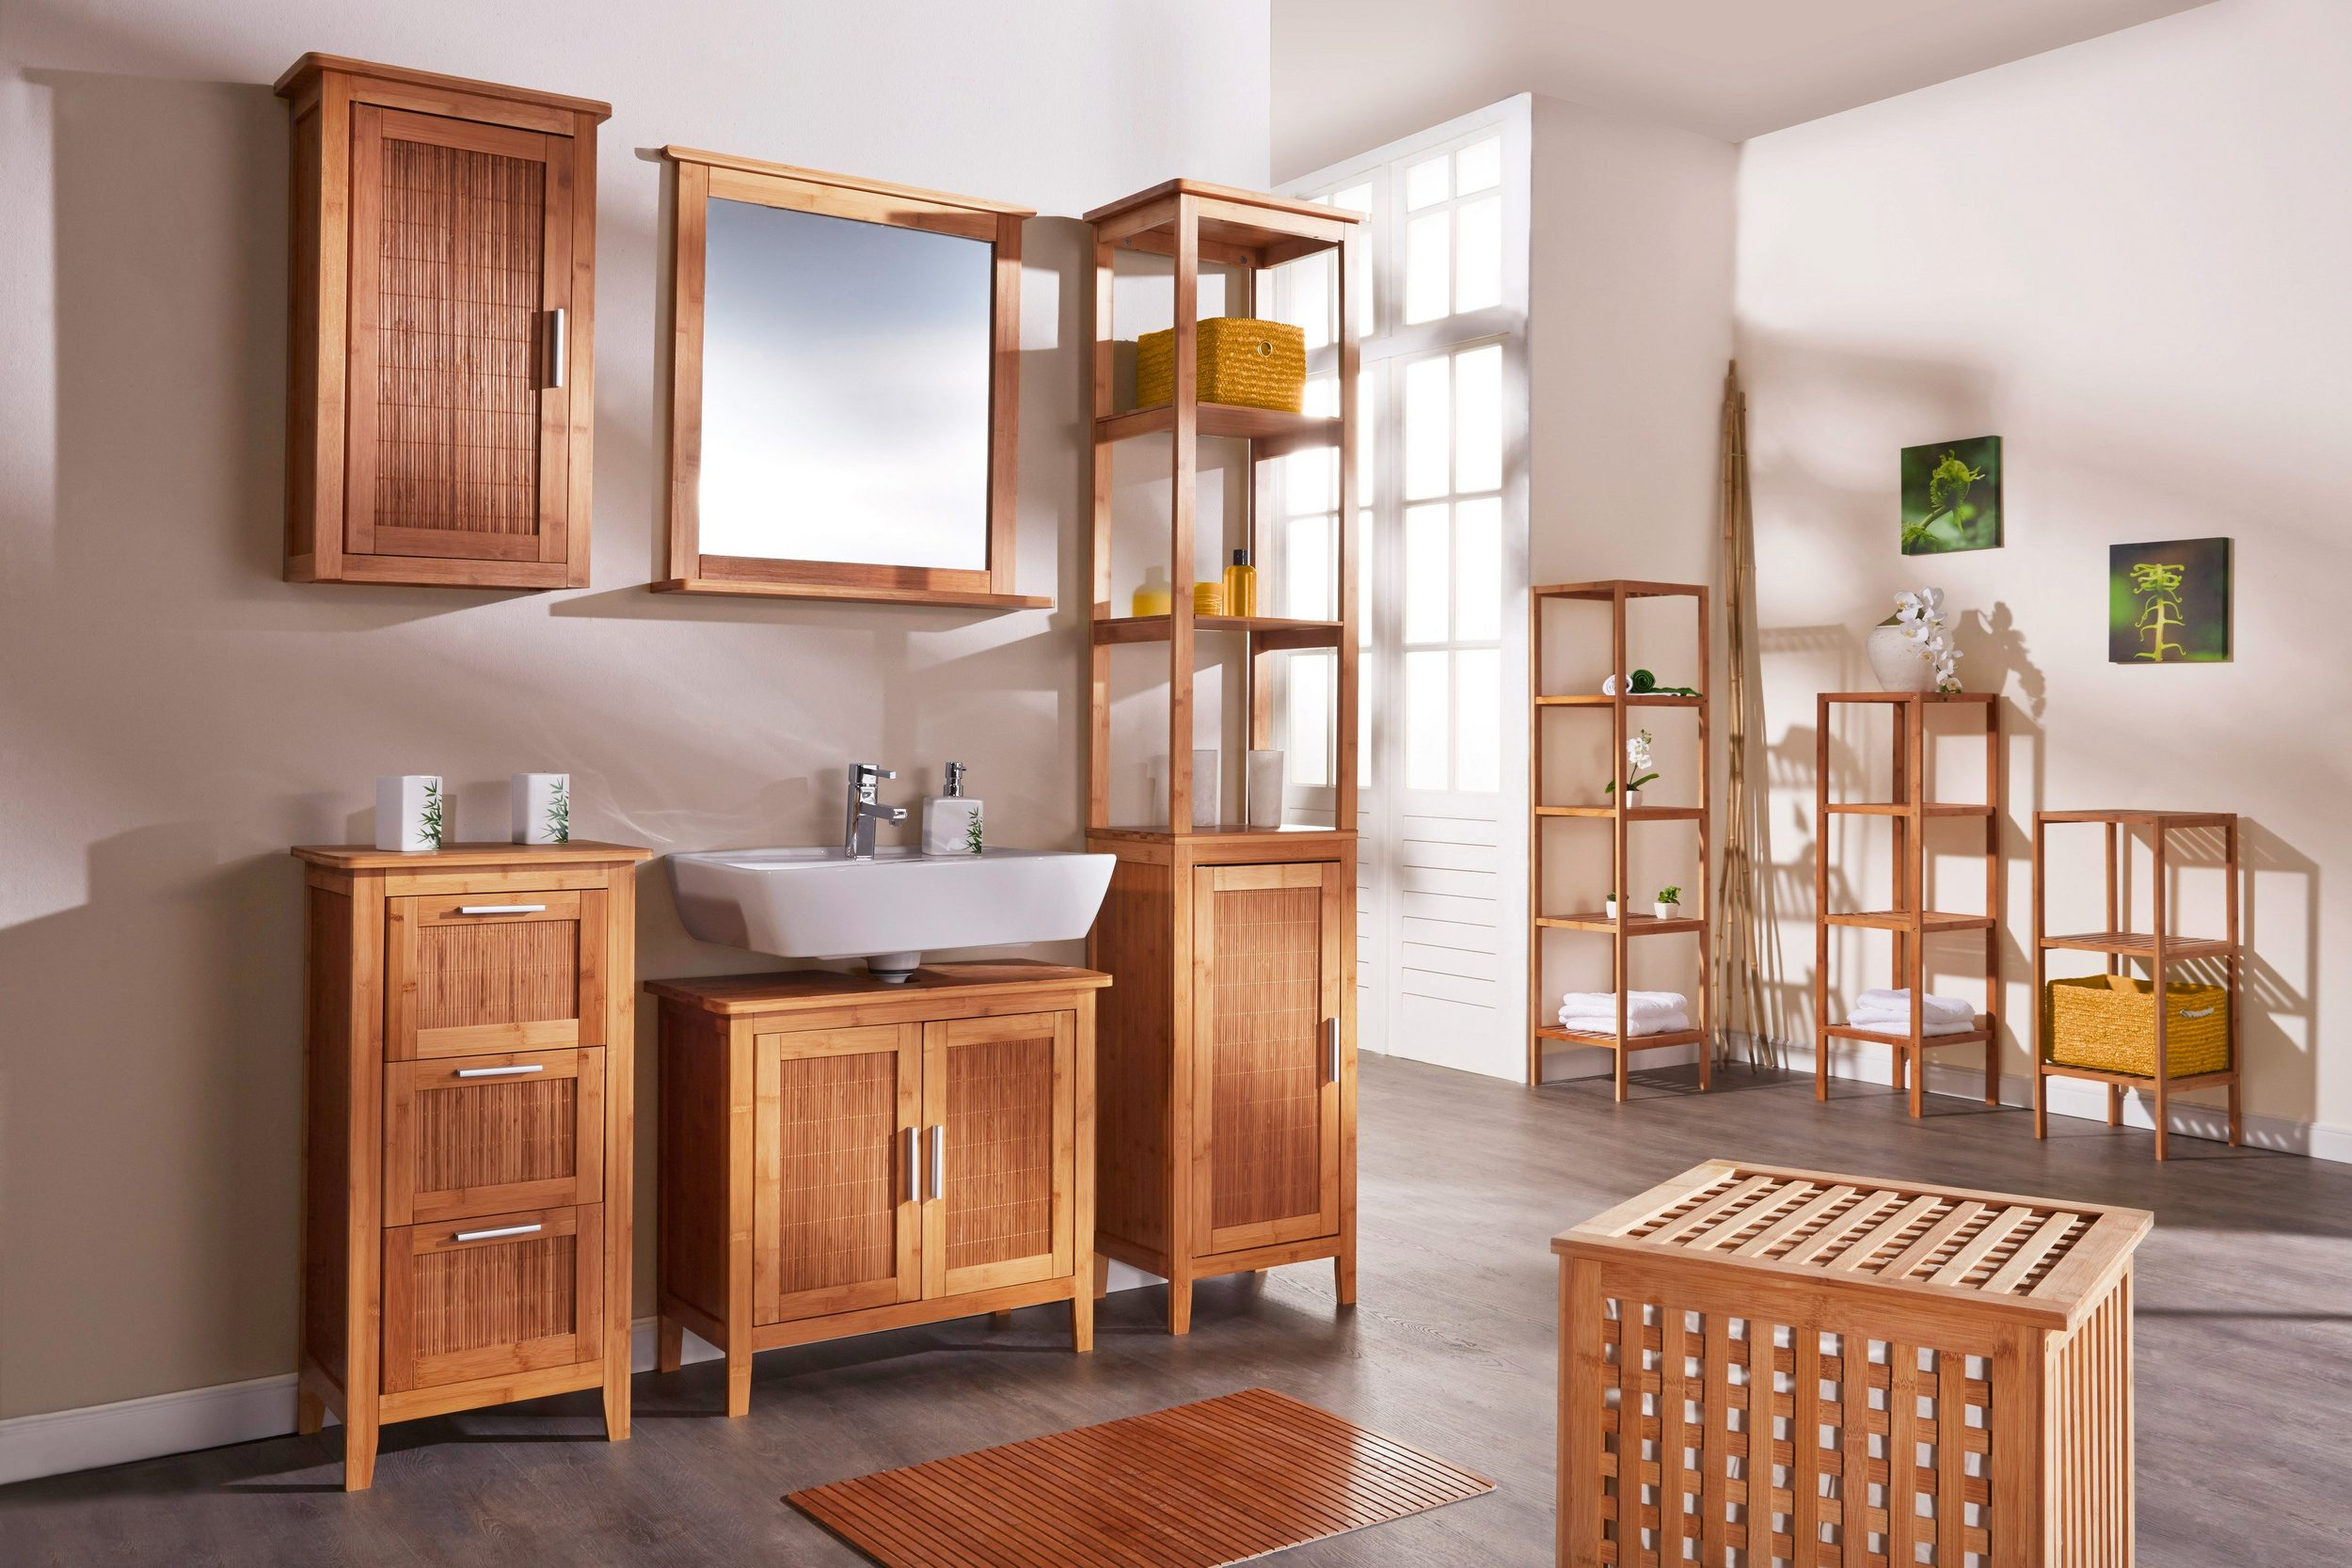 badm bel aus bambus holz erfahrungen und empfehlungen f r. Black Bedroom Furniture Sets. Home Design Ideas